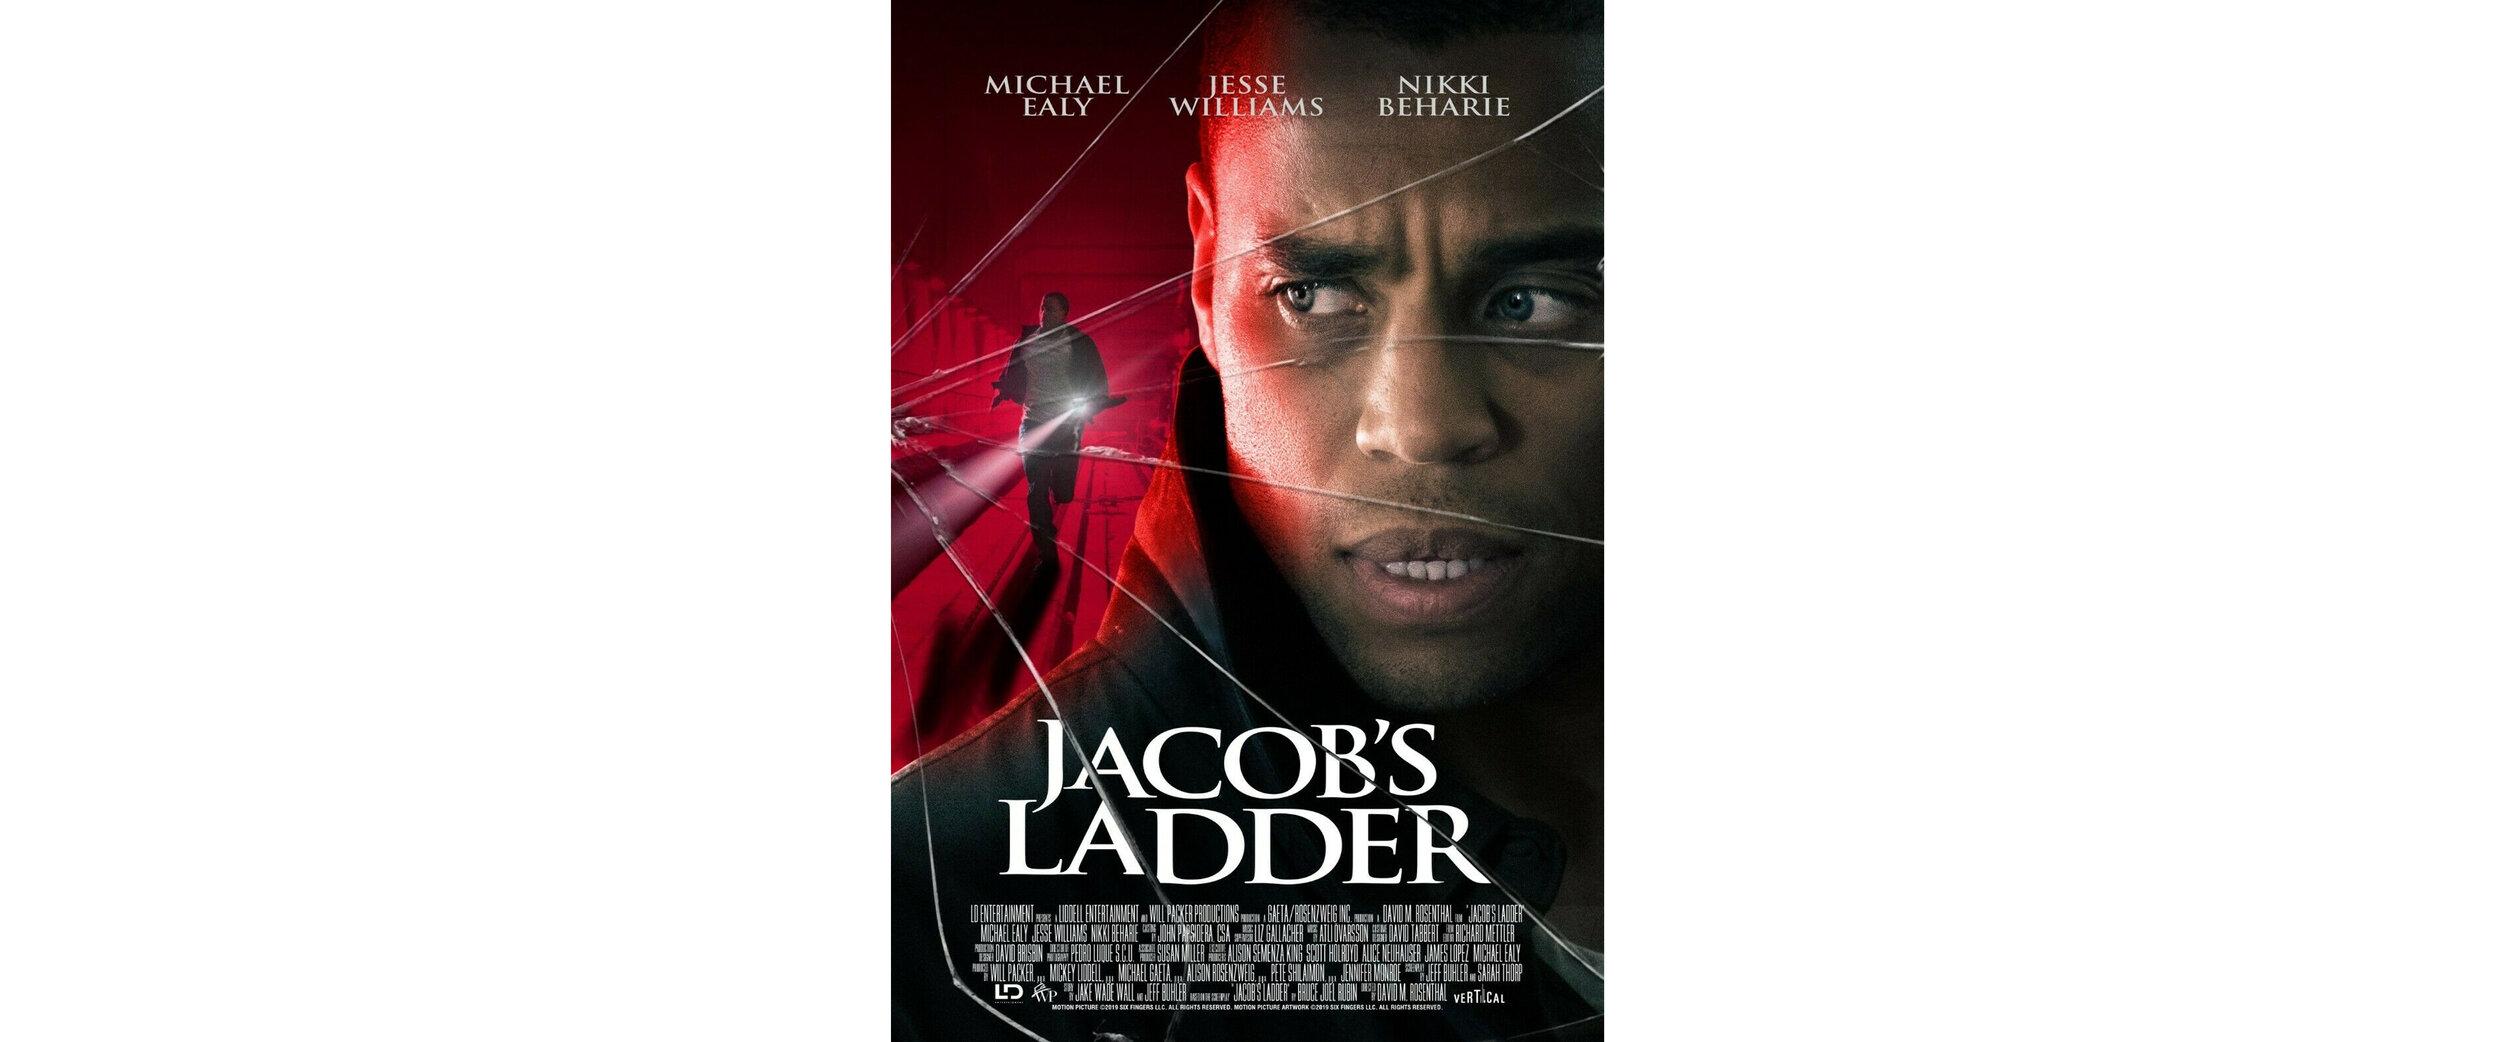 Jacobs Ladder_3.jpg